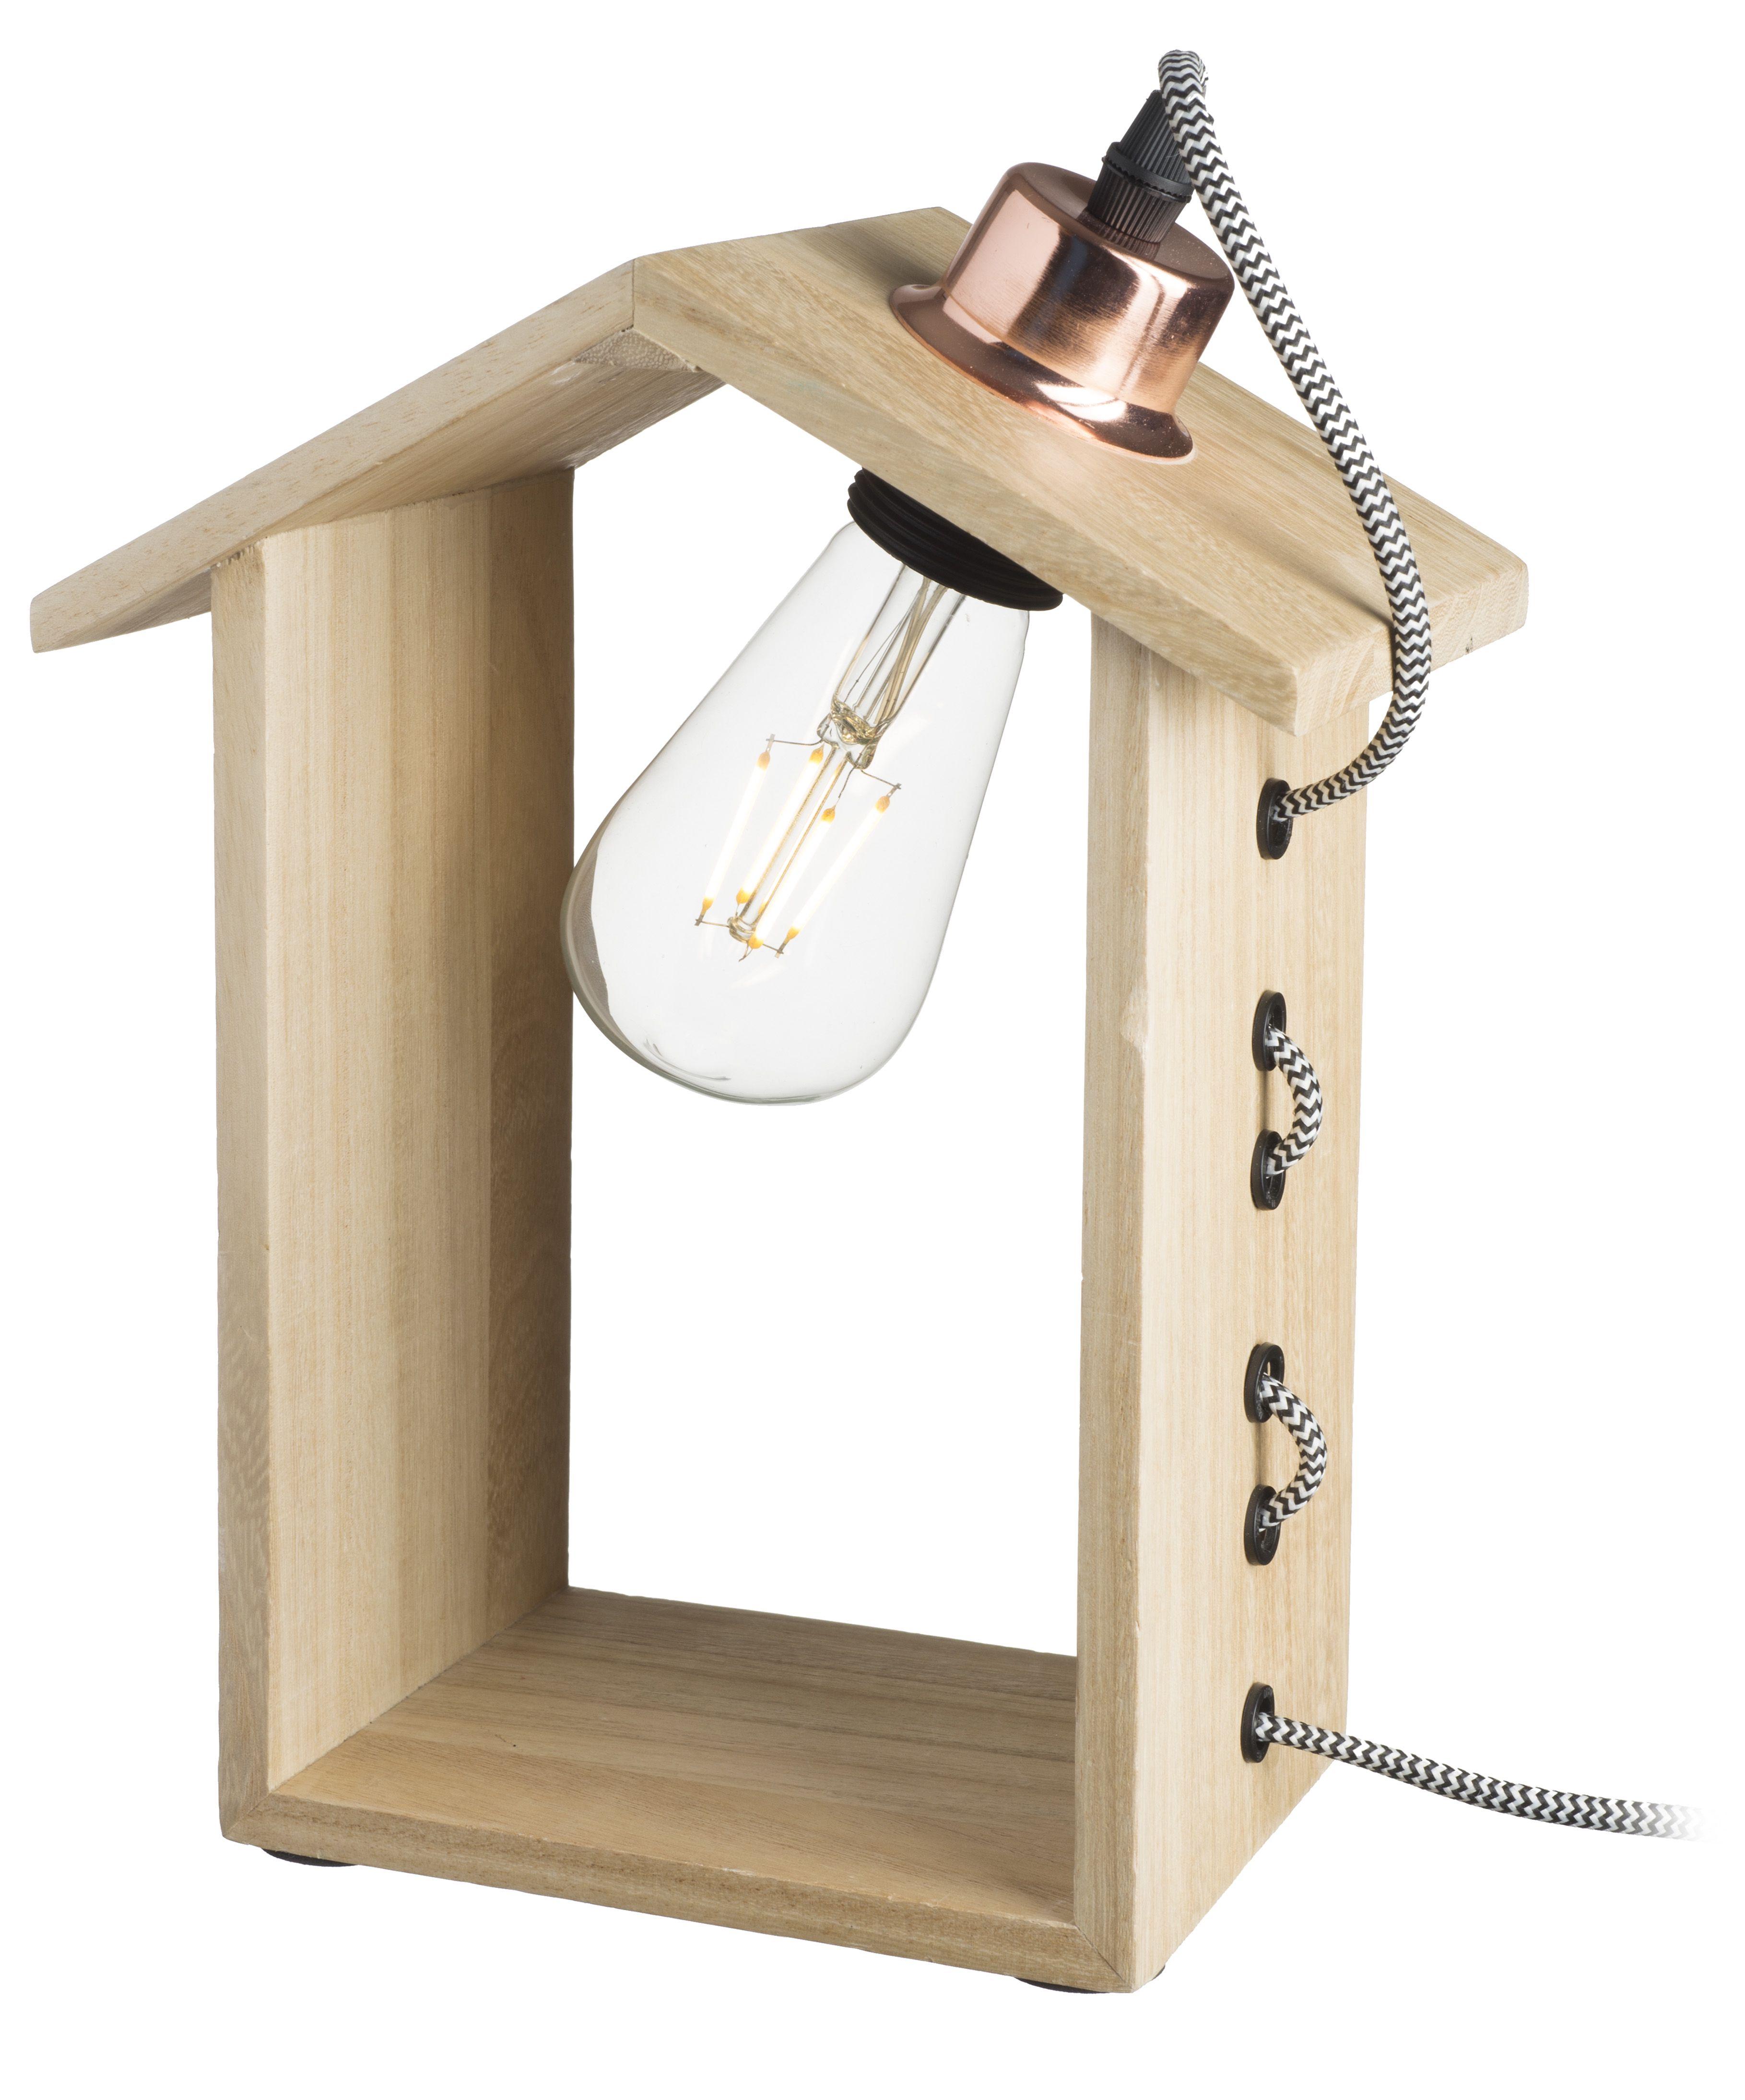 Tafellamp - Lamp Huisje - Le Studio